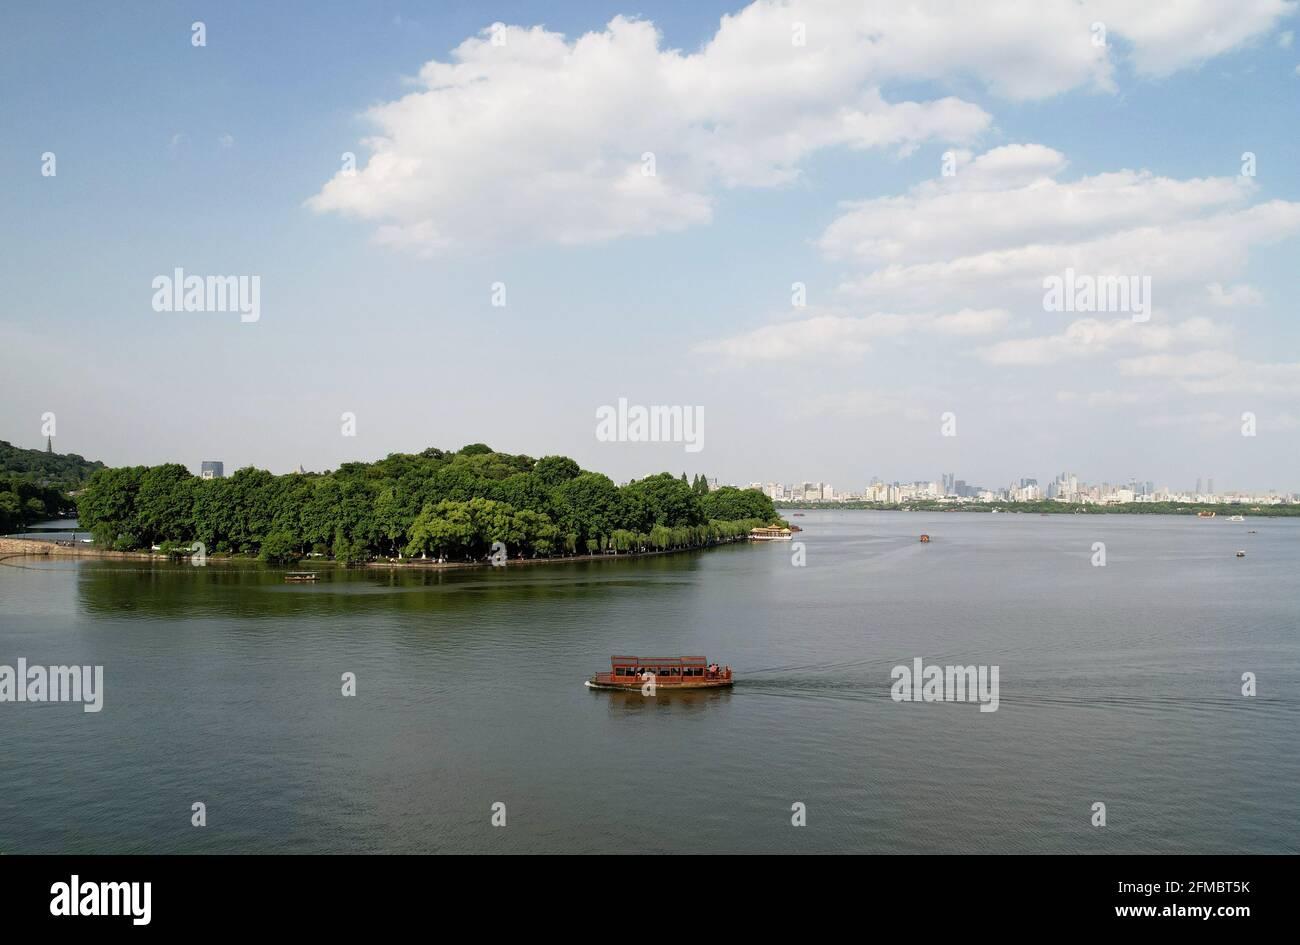 Hangzhou. Mai 2021. Luftaufnahme vom 7. Mai 2021 zeigt einen Blick auf das malerische Gebiet des Westsees in Hangzhou, der Hauptstadt der ostchinesischen Provinz Zhejiang. Quelle: Long Wei/Xinhua/Alamy Live News Stockfoto